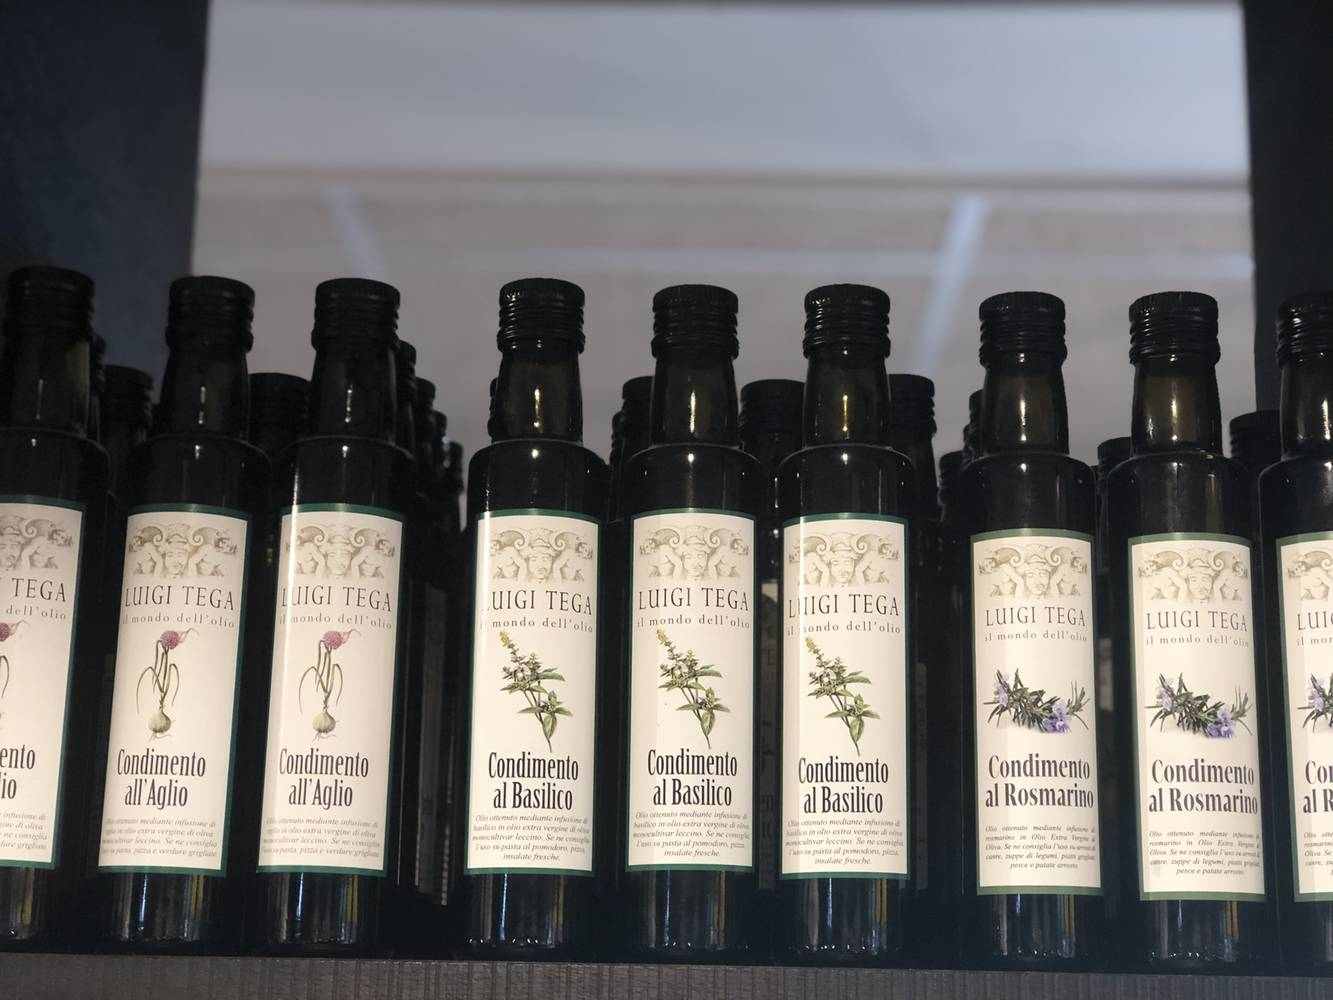 De lekkerste olijfolie, rechtstreeks uit Italie